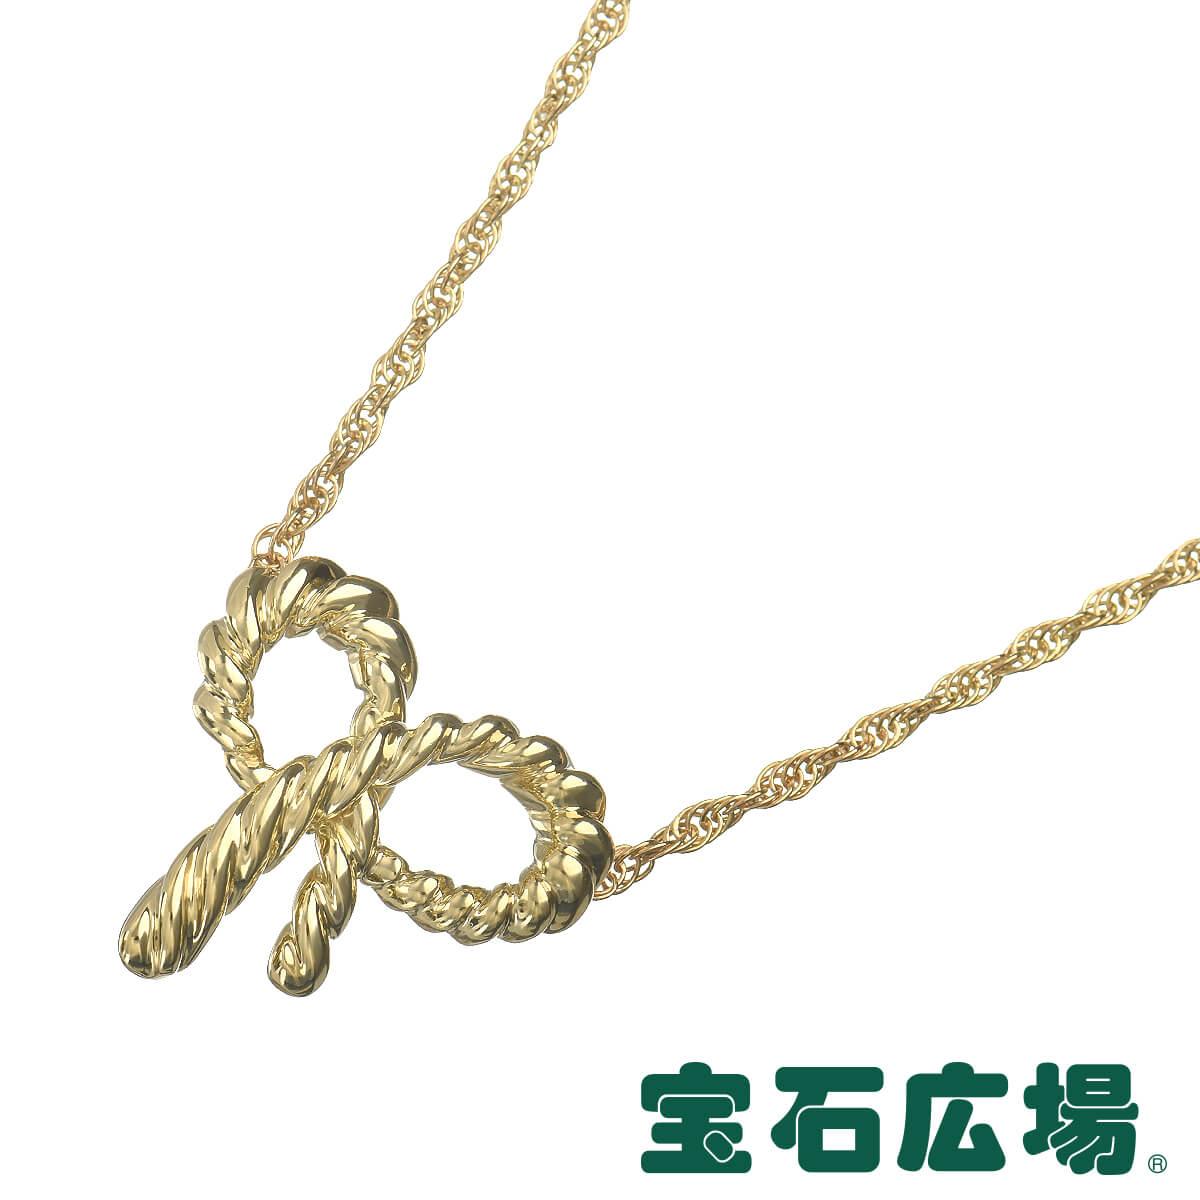 ティファニー TIFFANY&CO ツイストリボン ネックレス 【中古】 ジュエリー 送料無料